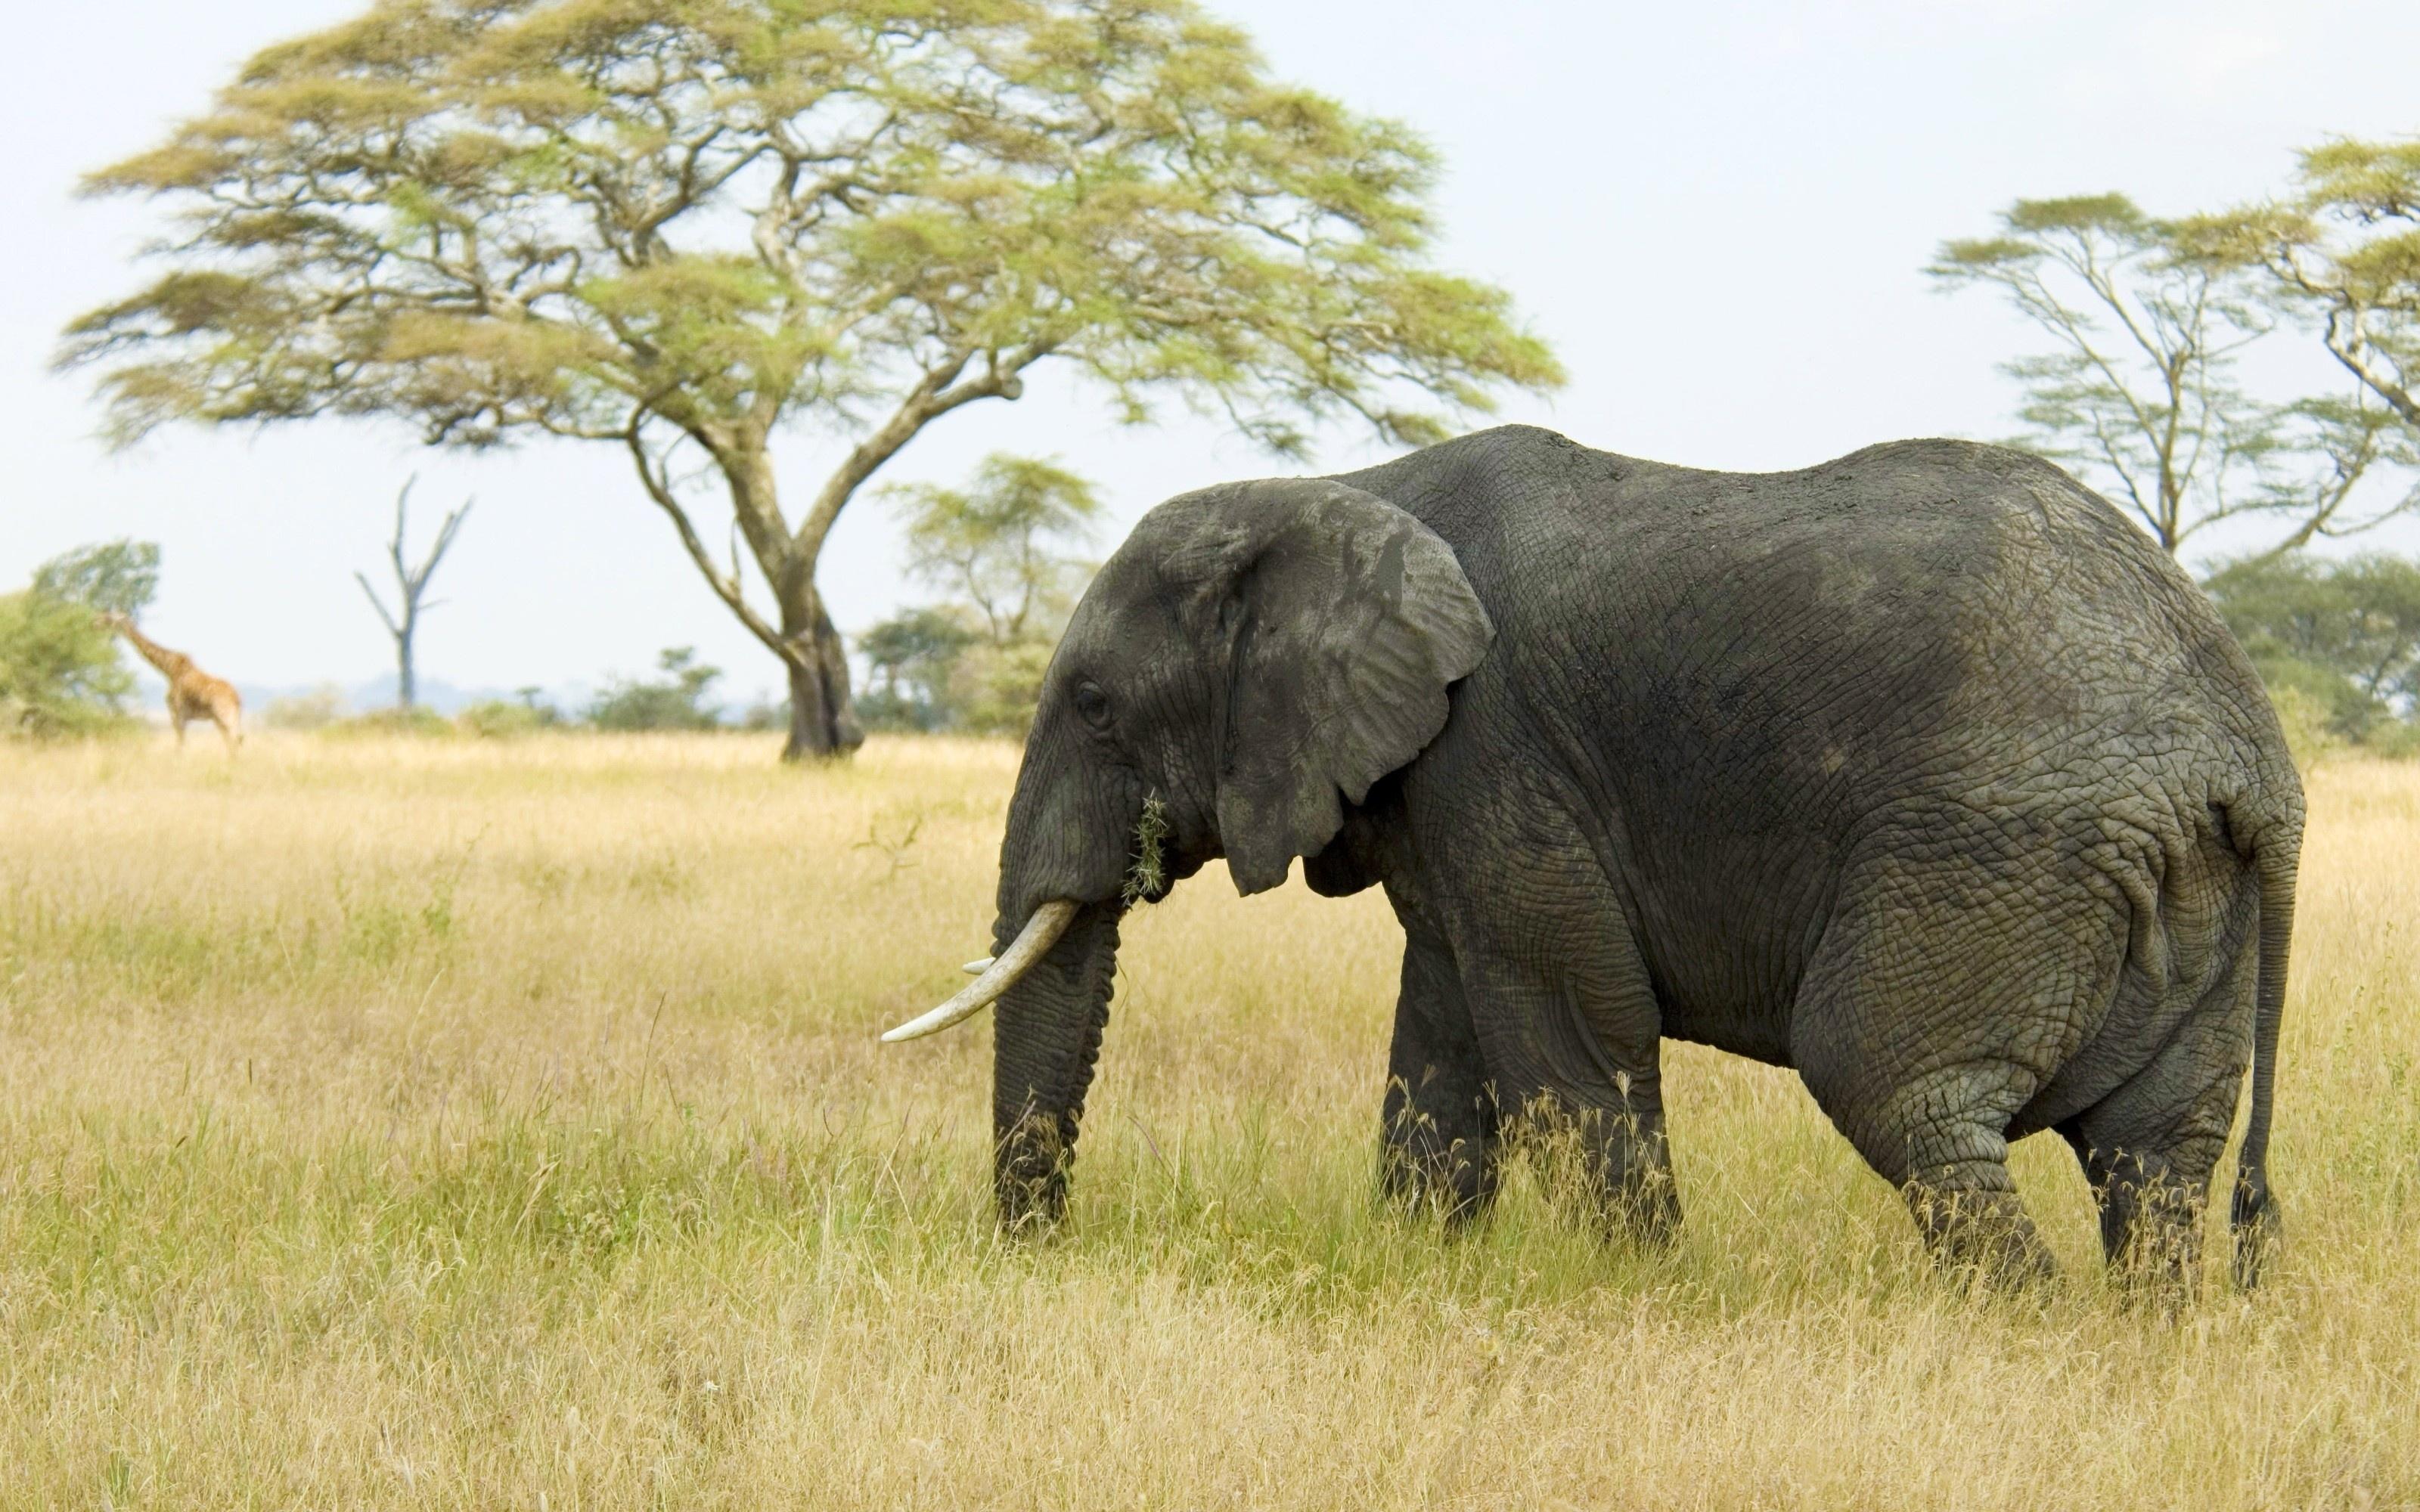 Скачать картинку Трава, Саванна, Слон, Животные, Деревья, Природа в телефон бесплатно.